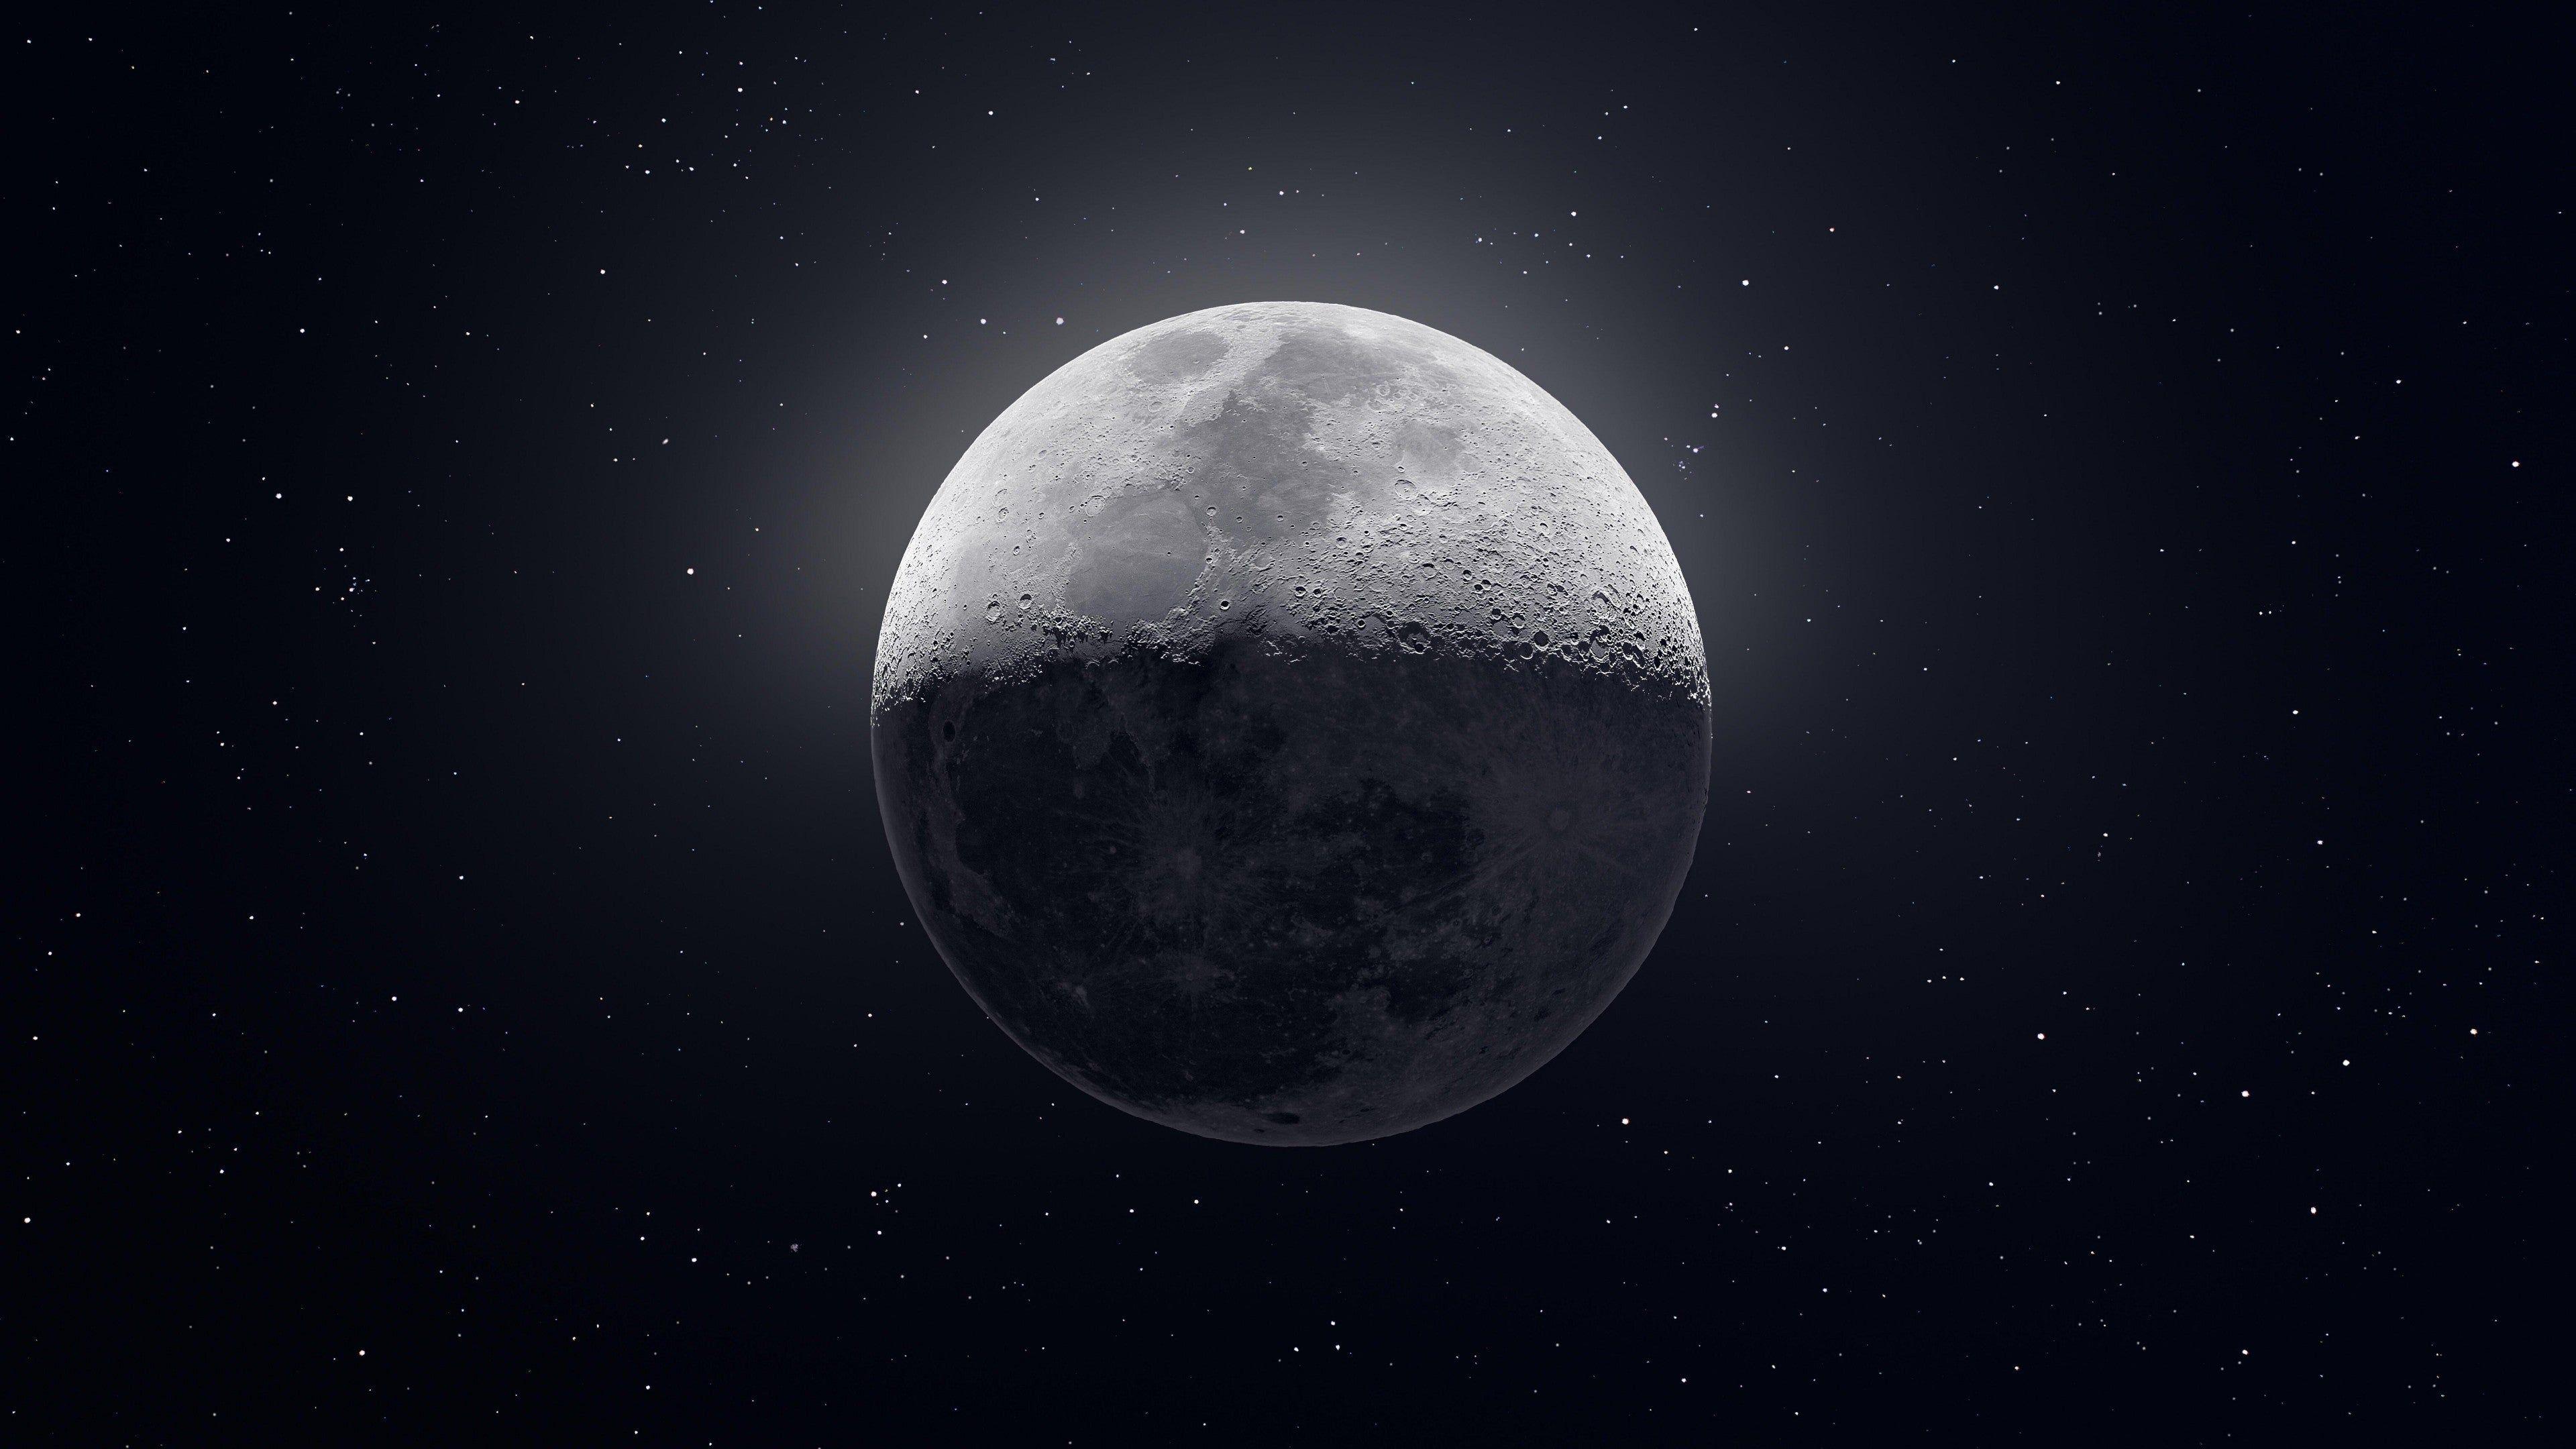 4k Moon [3840×2160] Credit To u/kvivek! 4K